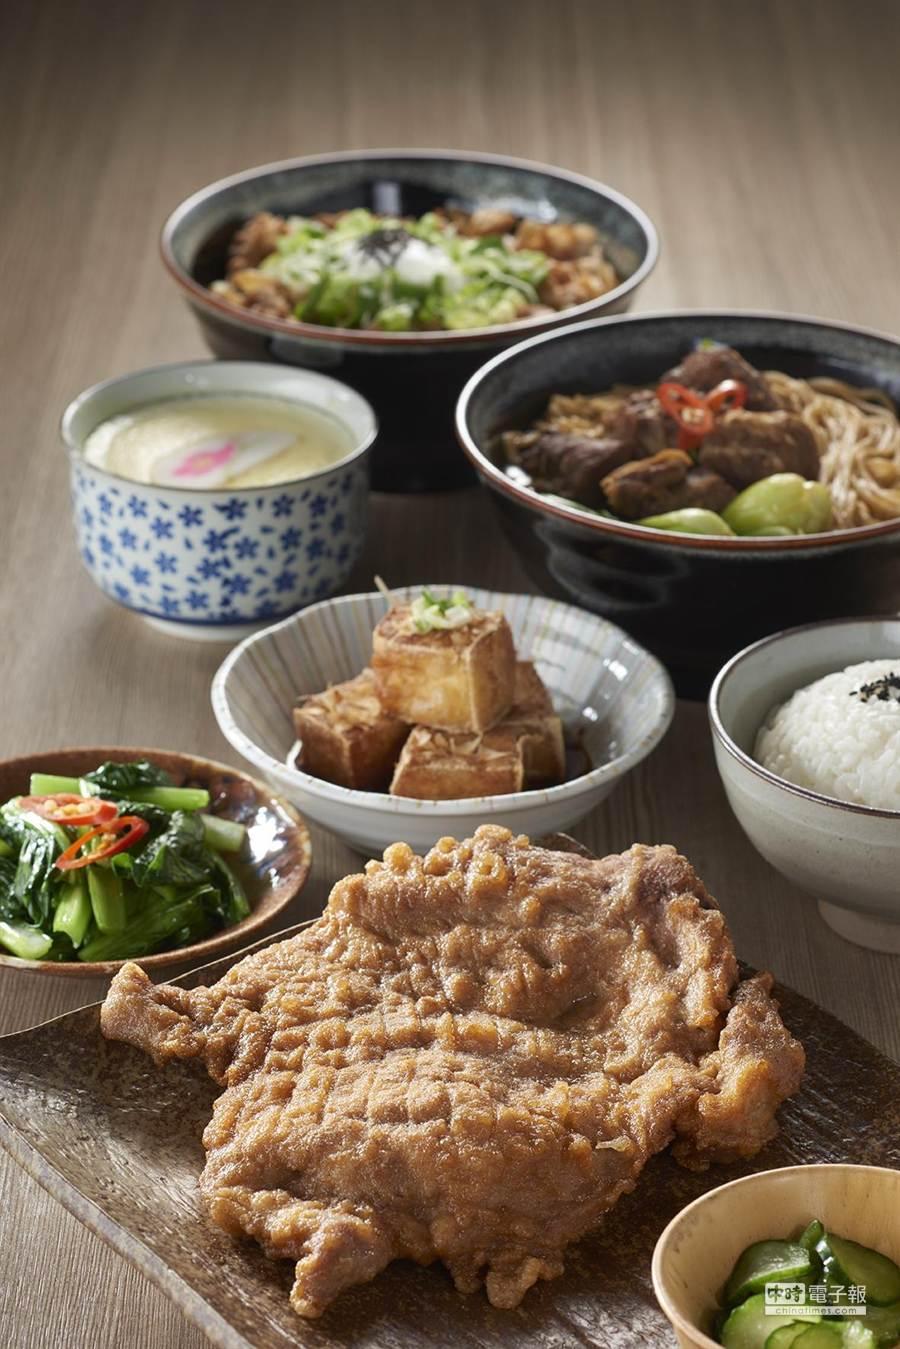 除了排骨飯、牛肉麵,「中一食堂」並供應各式中式簡餐。(圖/大成集團)